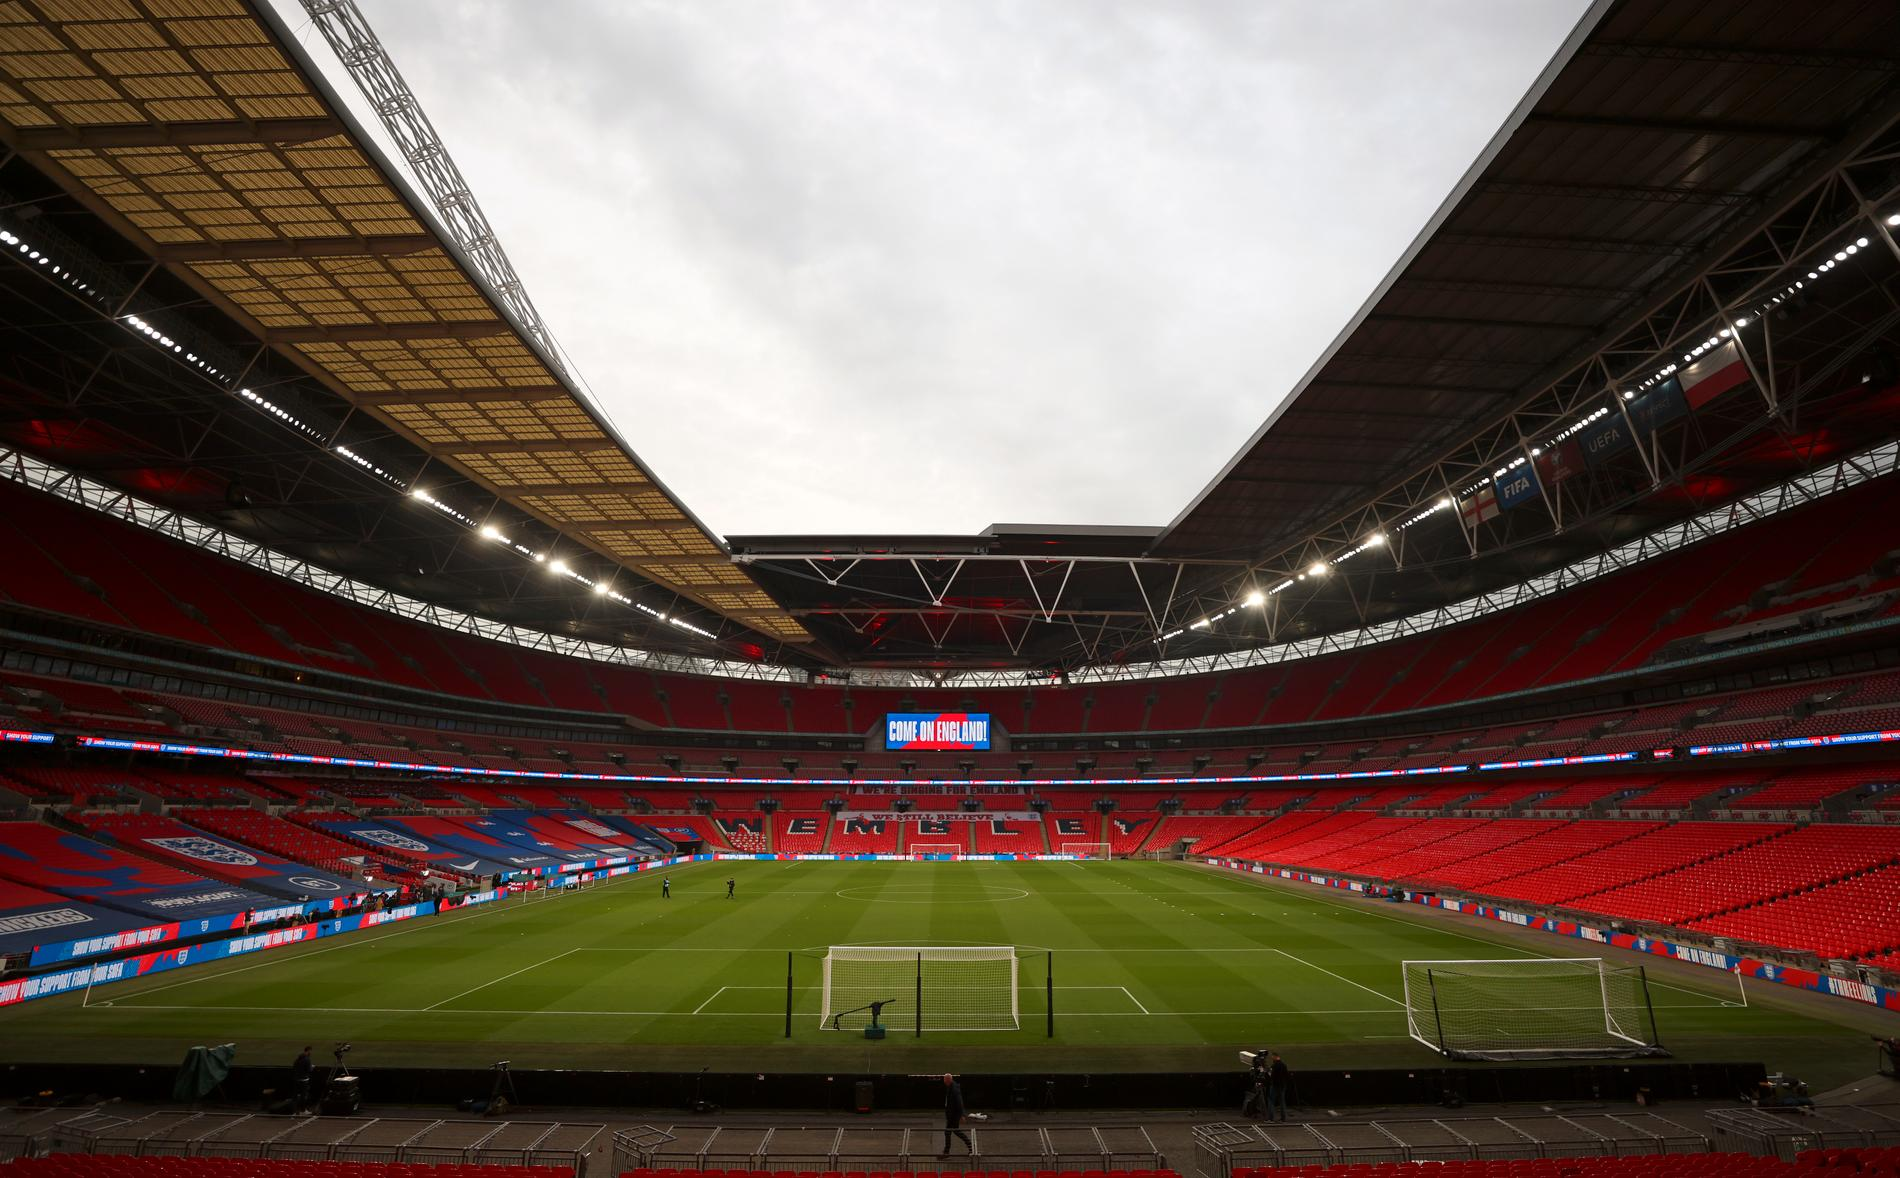 Wembley Stadium i London är värd för båda semifinalerna samt finalen i fotbolls-EM 2021.